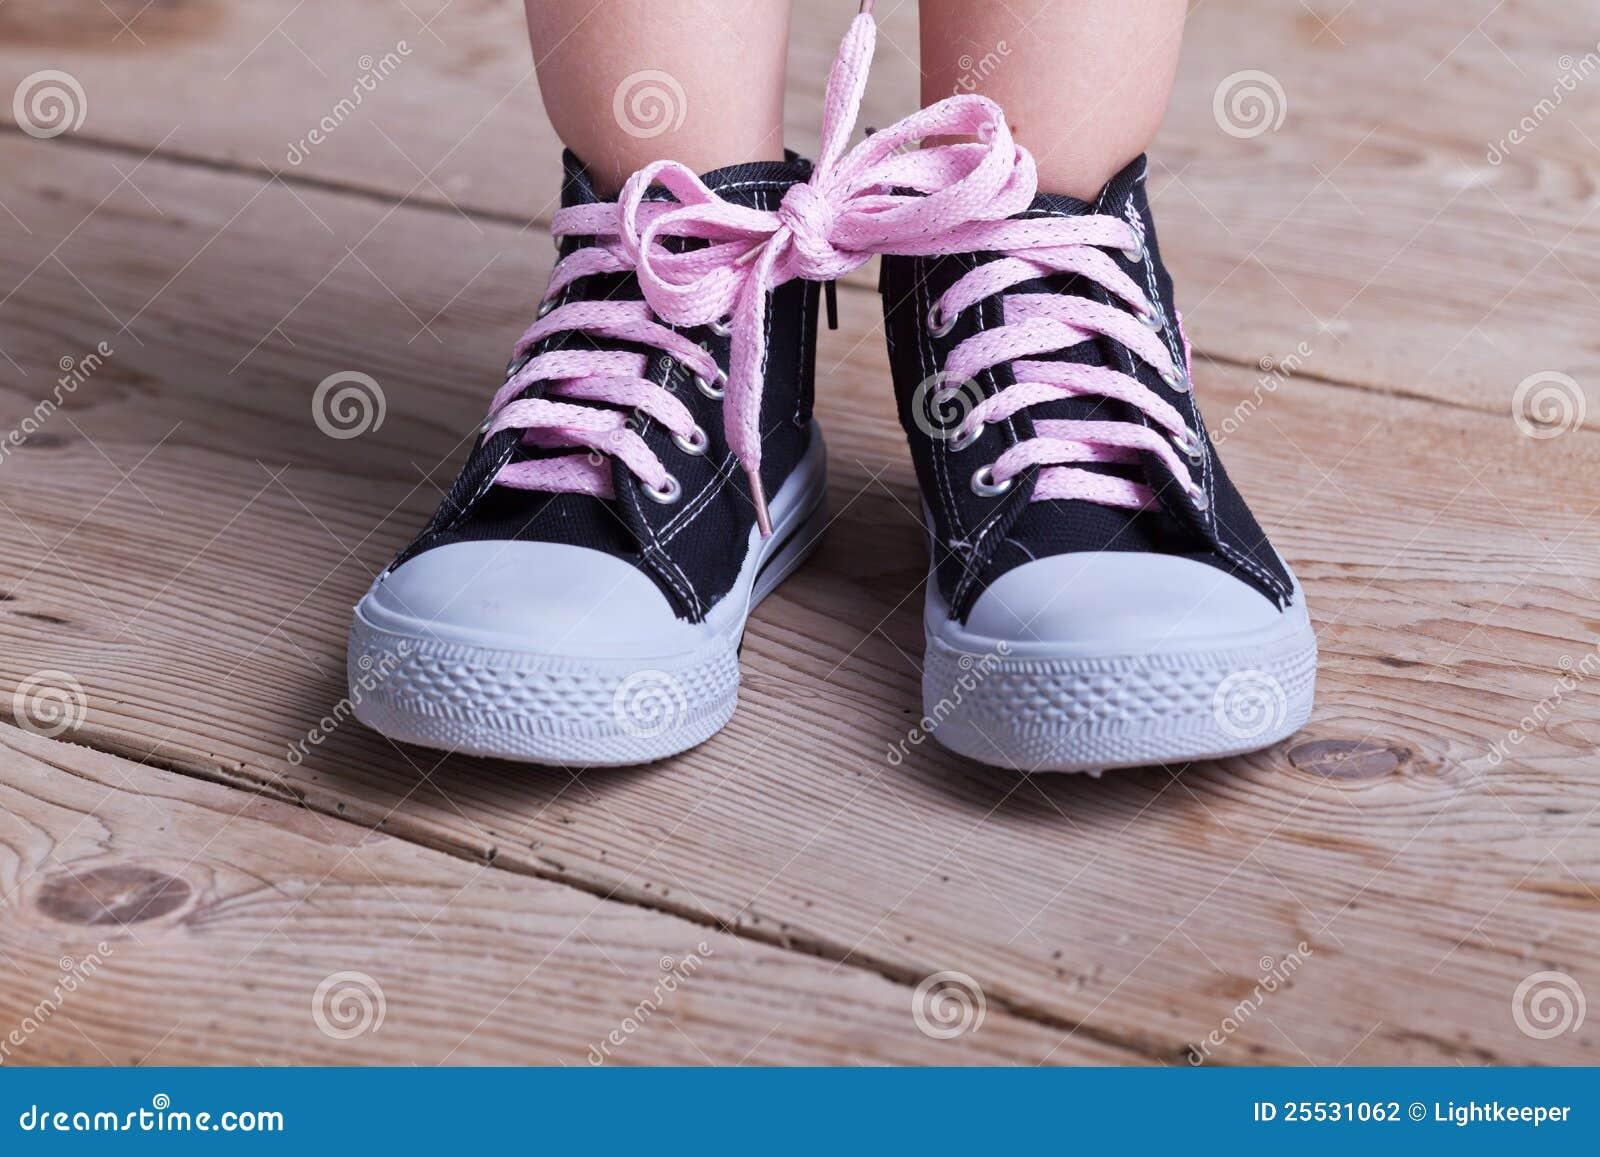 Éxito parcial - niño con dos zapatos atados